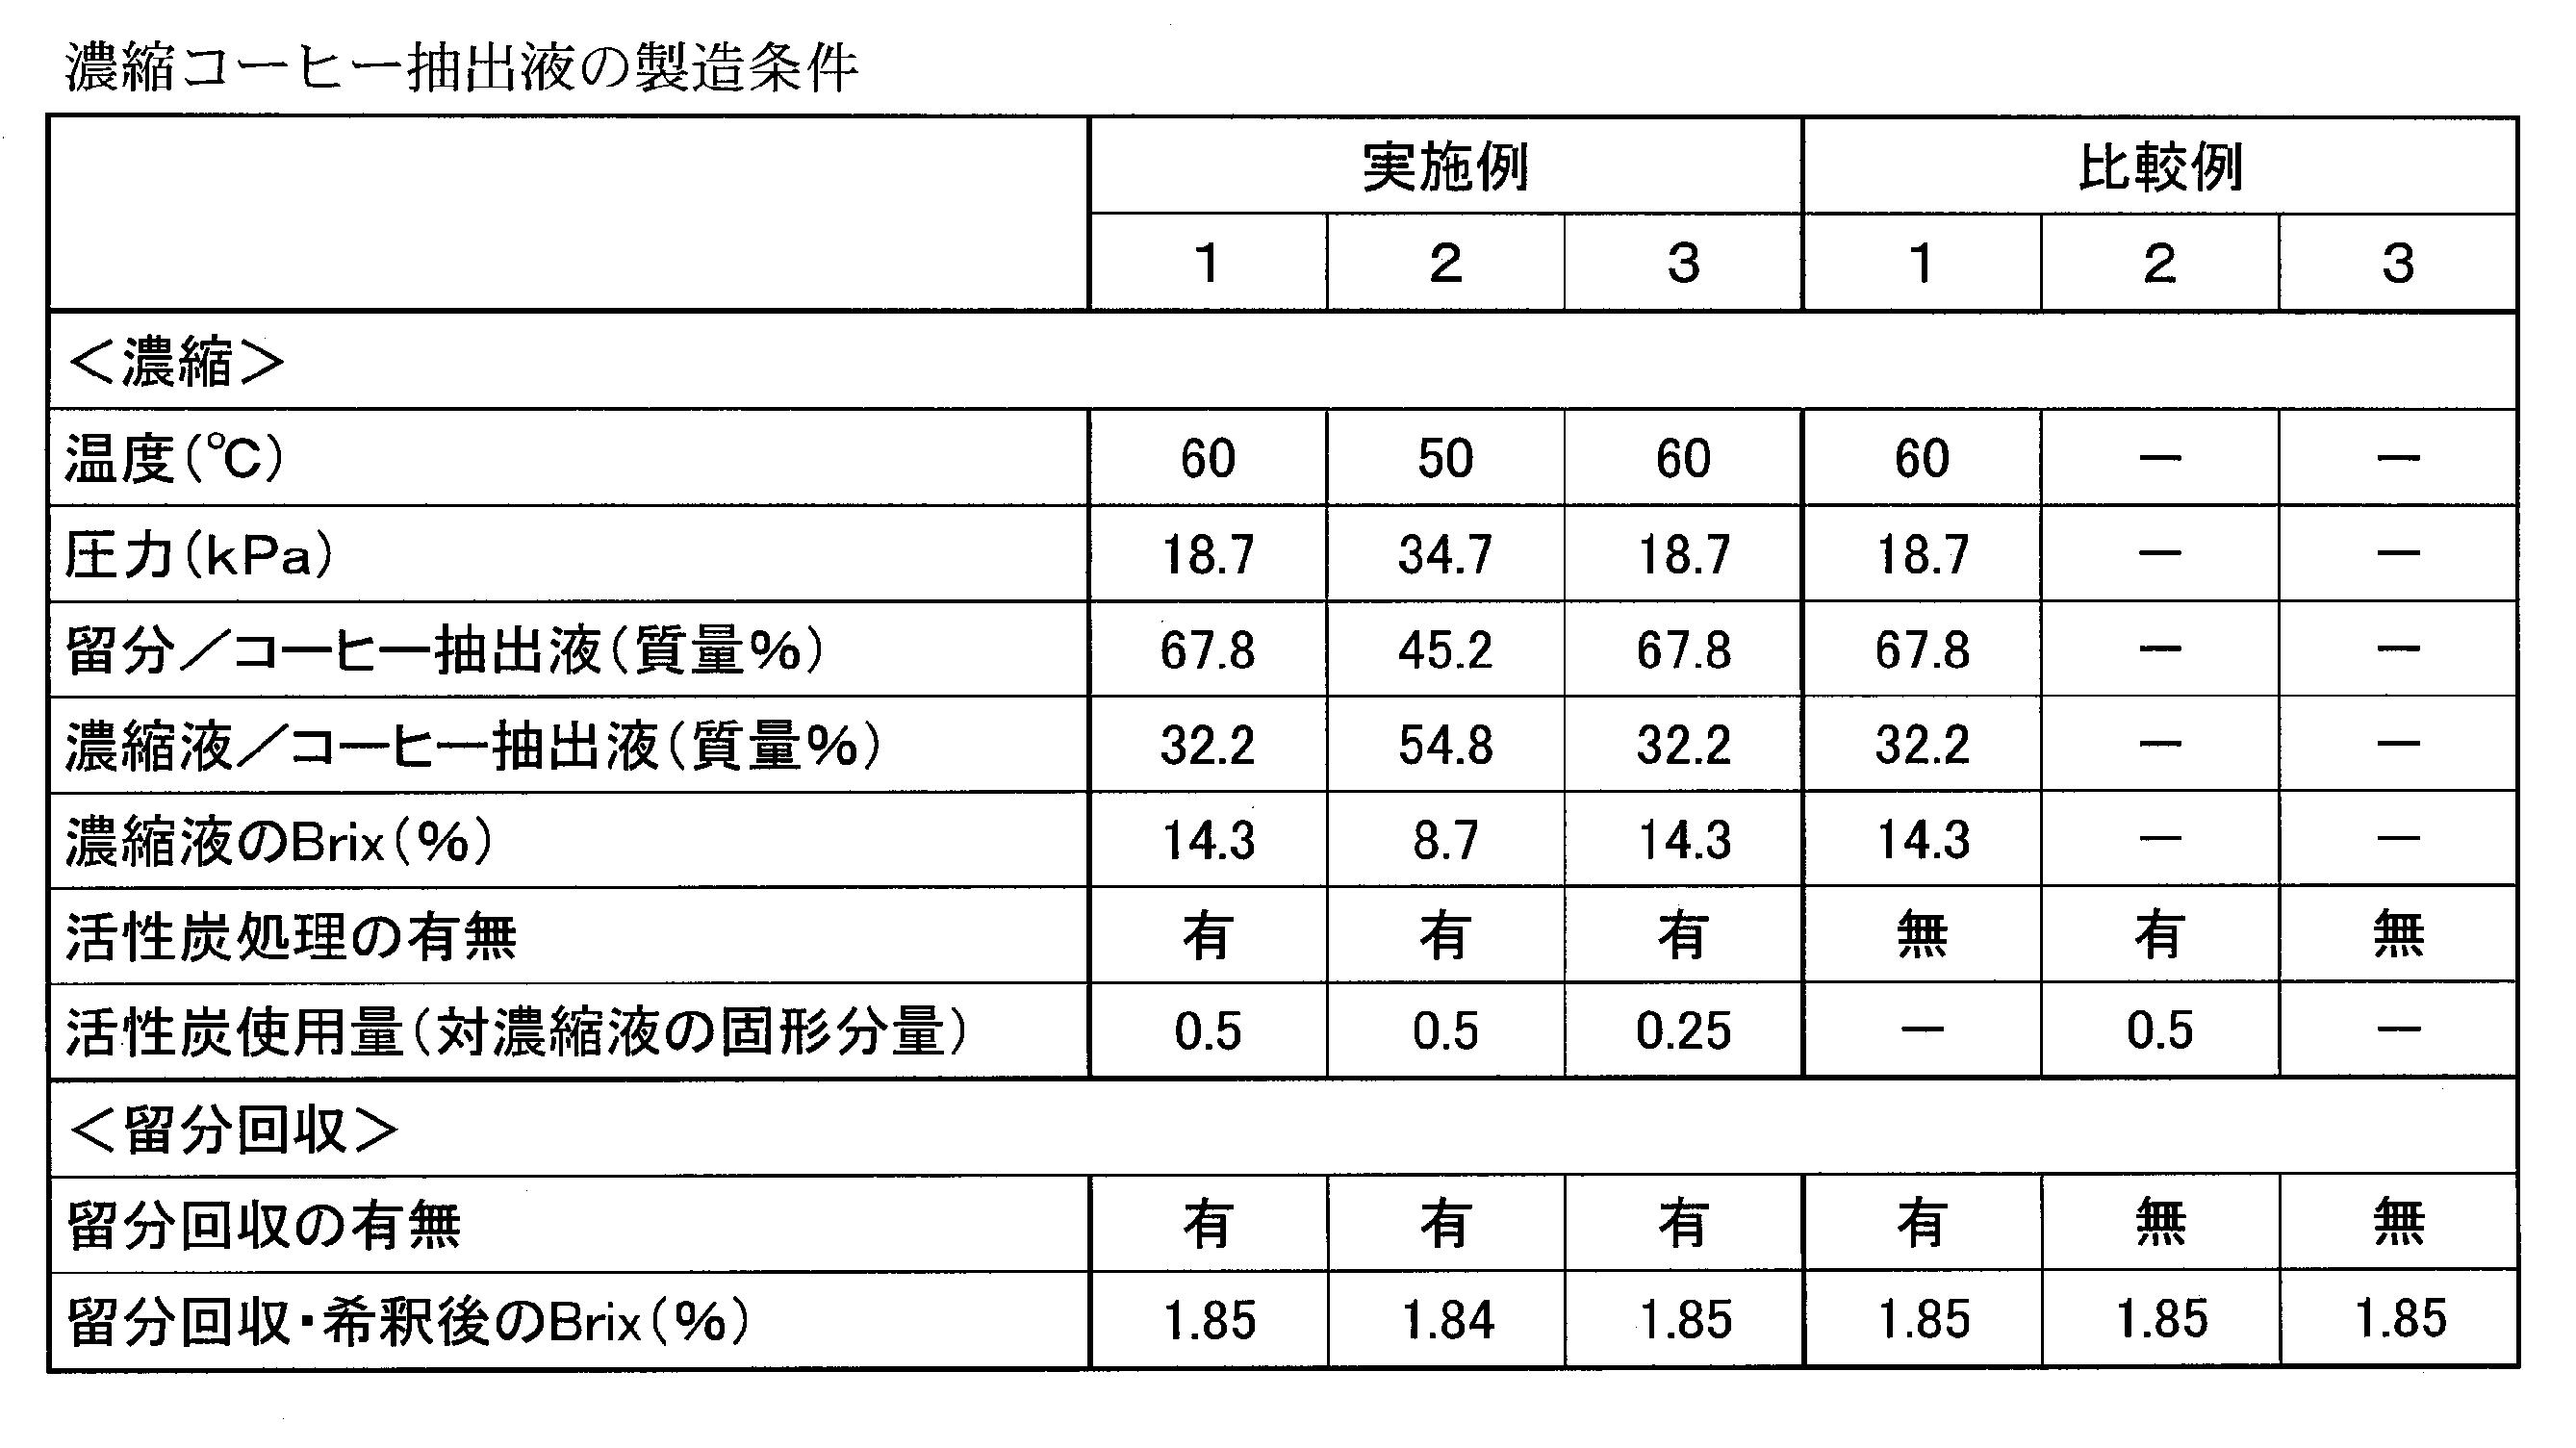 2-エチル-3-メチルピラジン